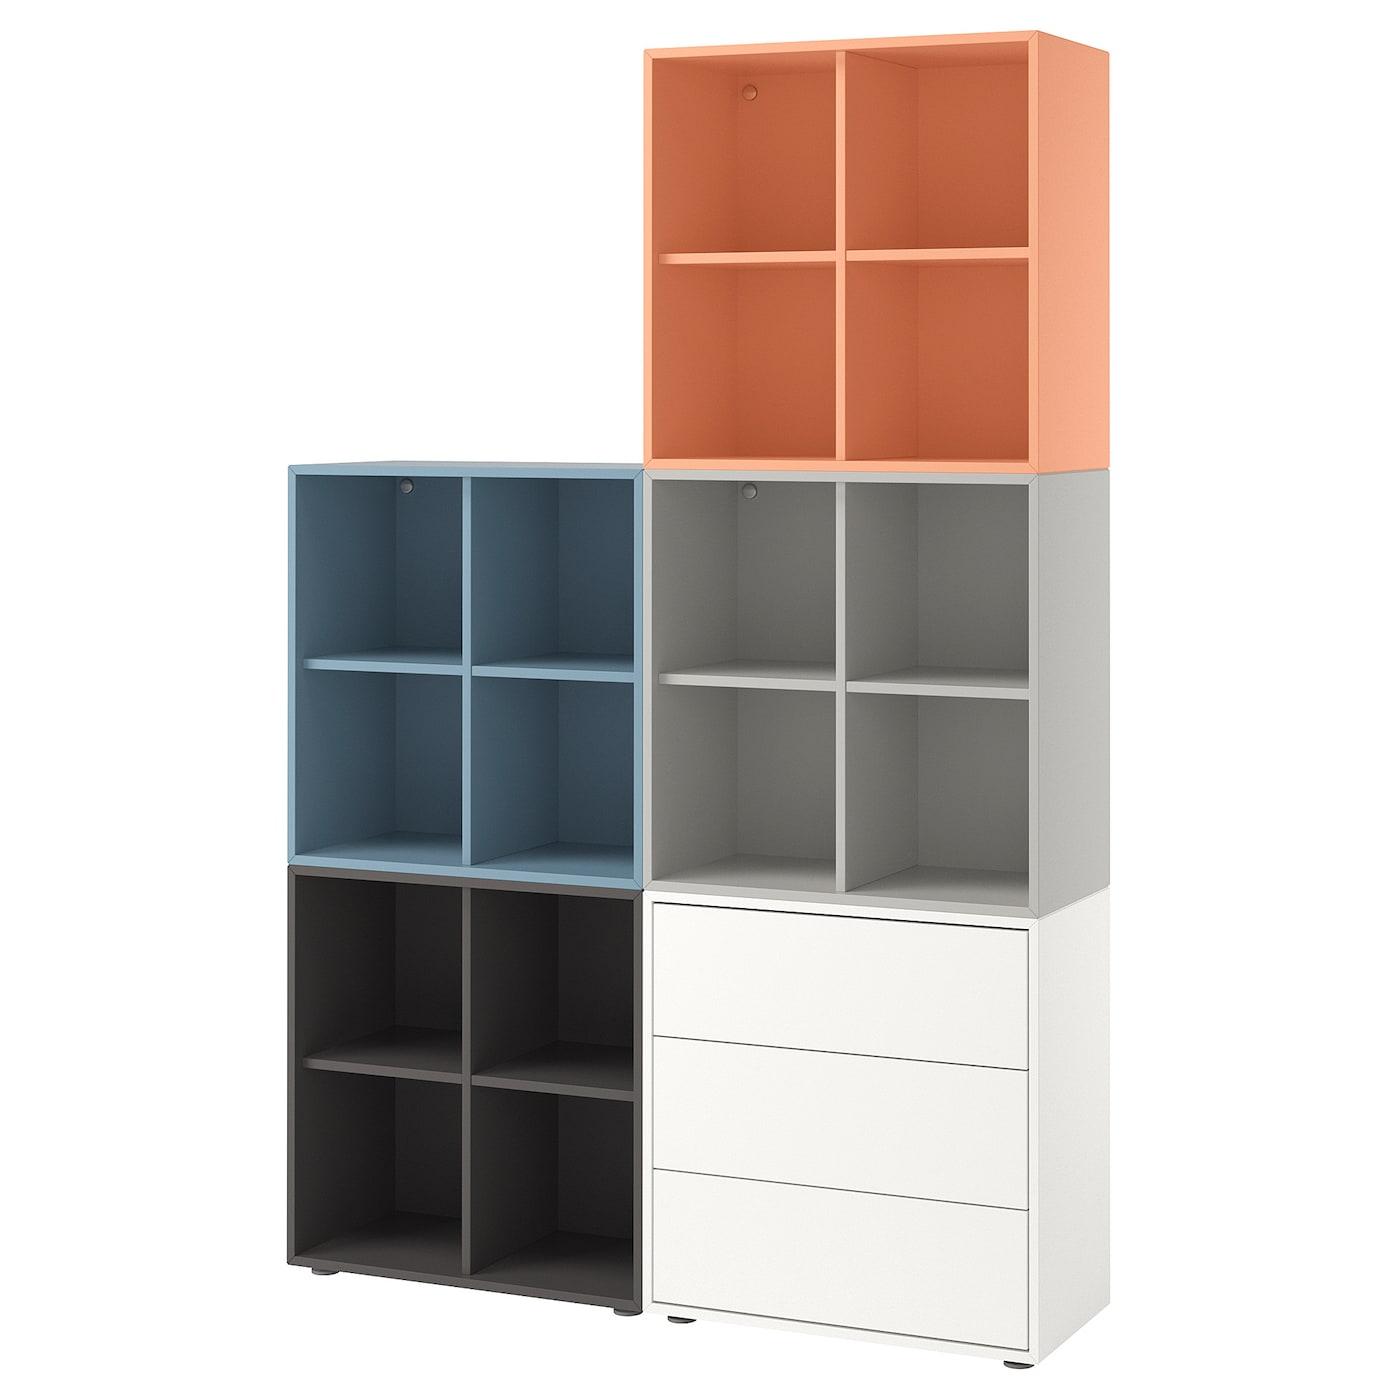 Estanter as modulares compra online ikea - Ikea armarios modulares ...